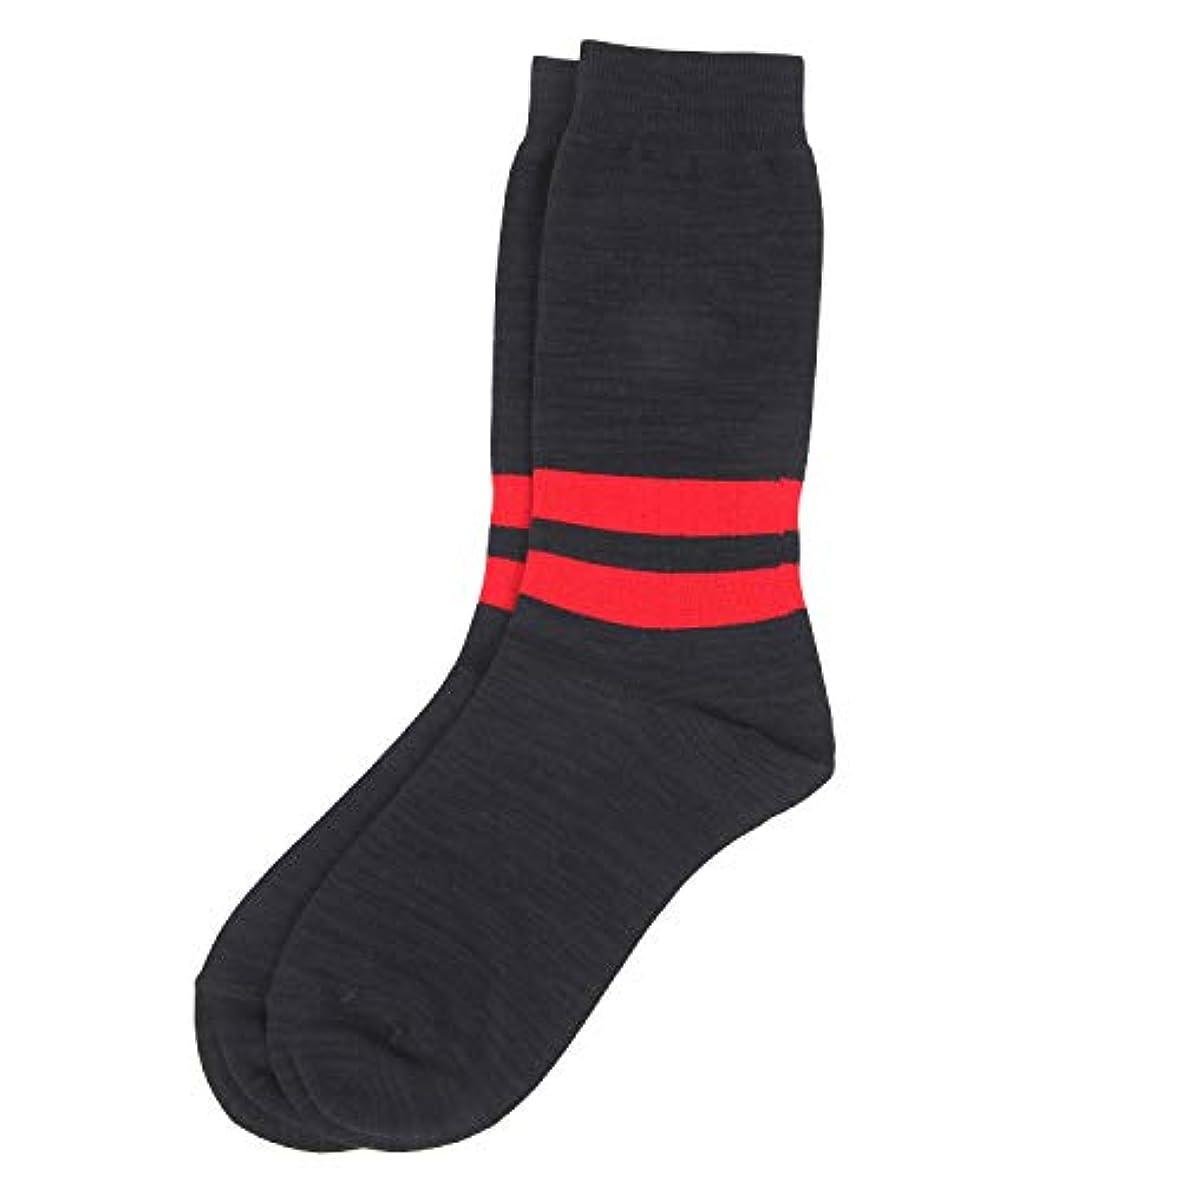 正確将来の不注意Deol(デオル) ラインソックス 男性用 メンズ [足のニオイ対策] 長期間持続 日本製 無地 靴下 紺 25cm-27cm